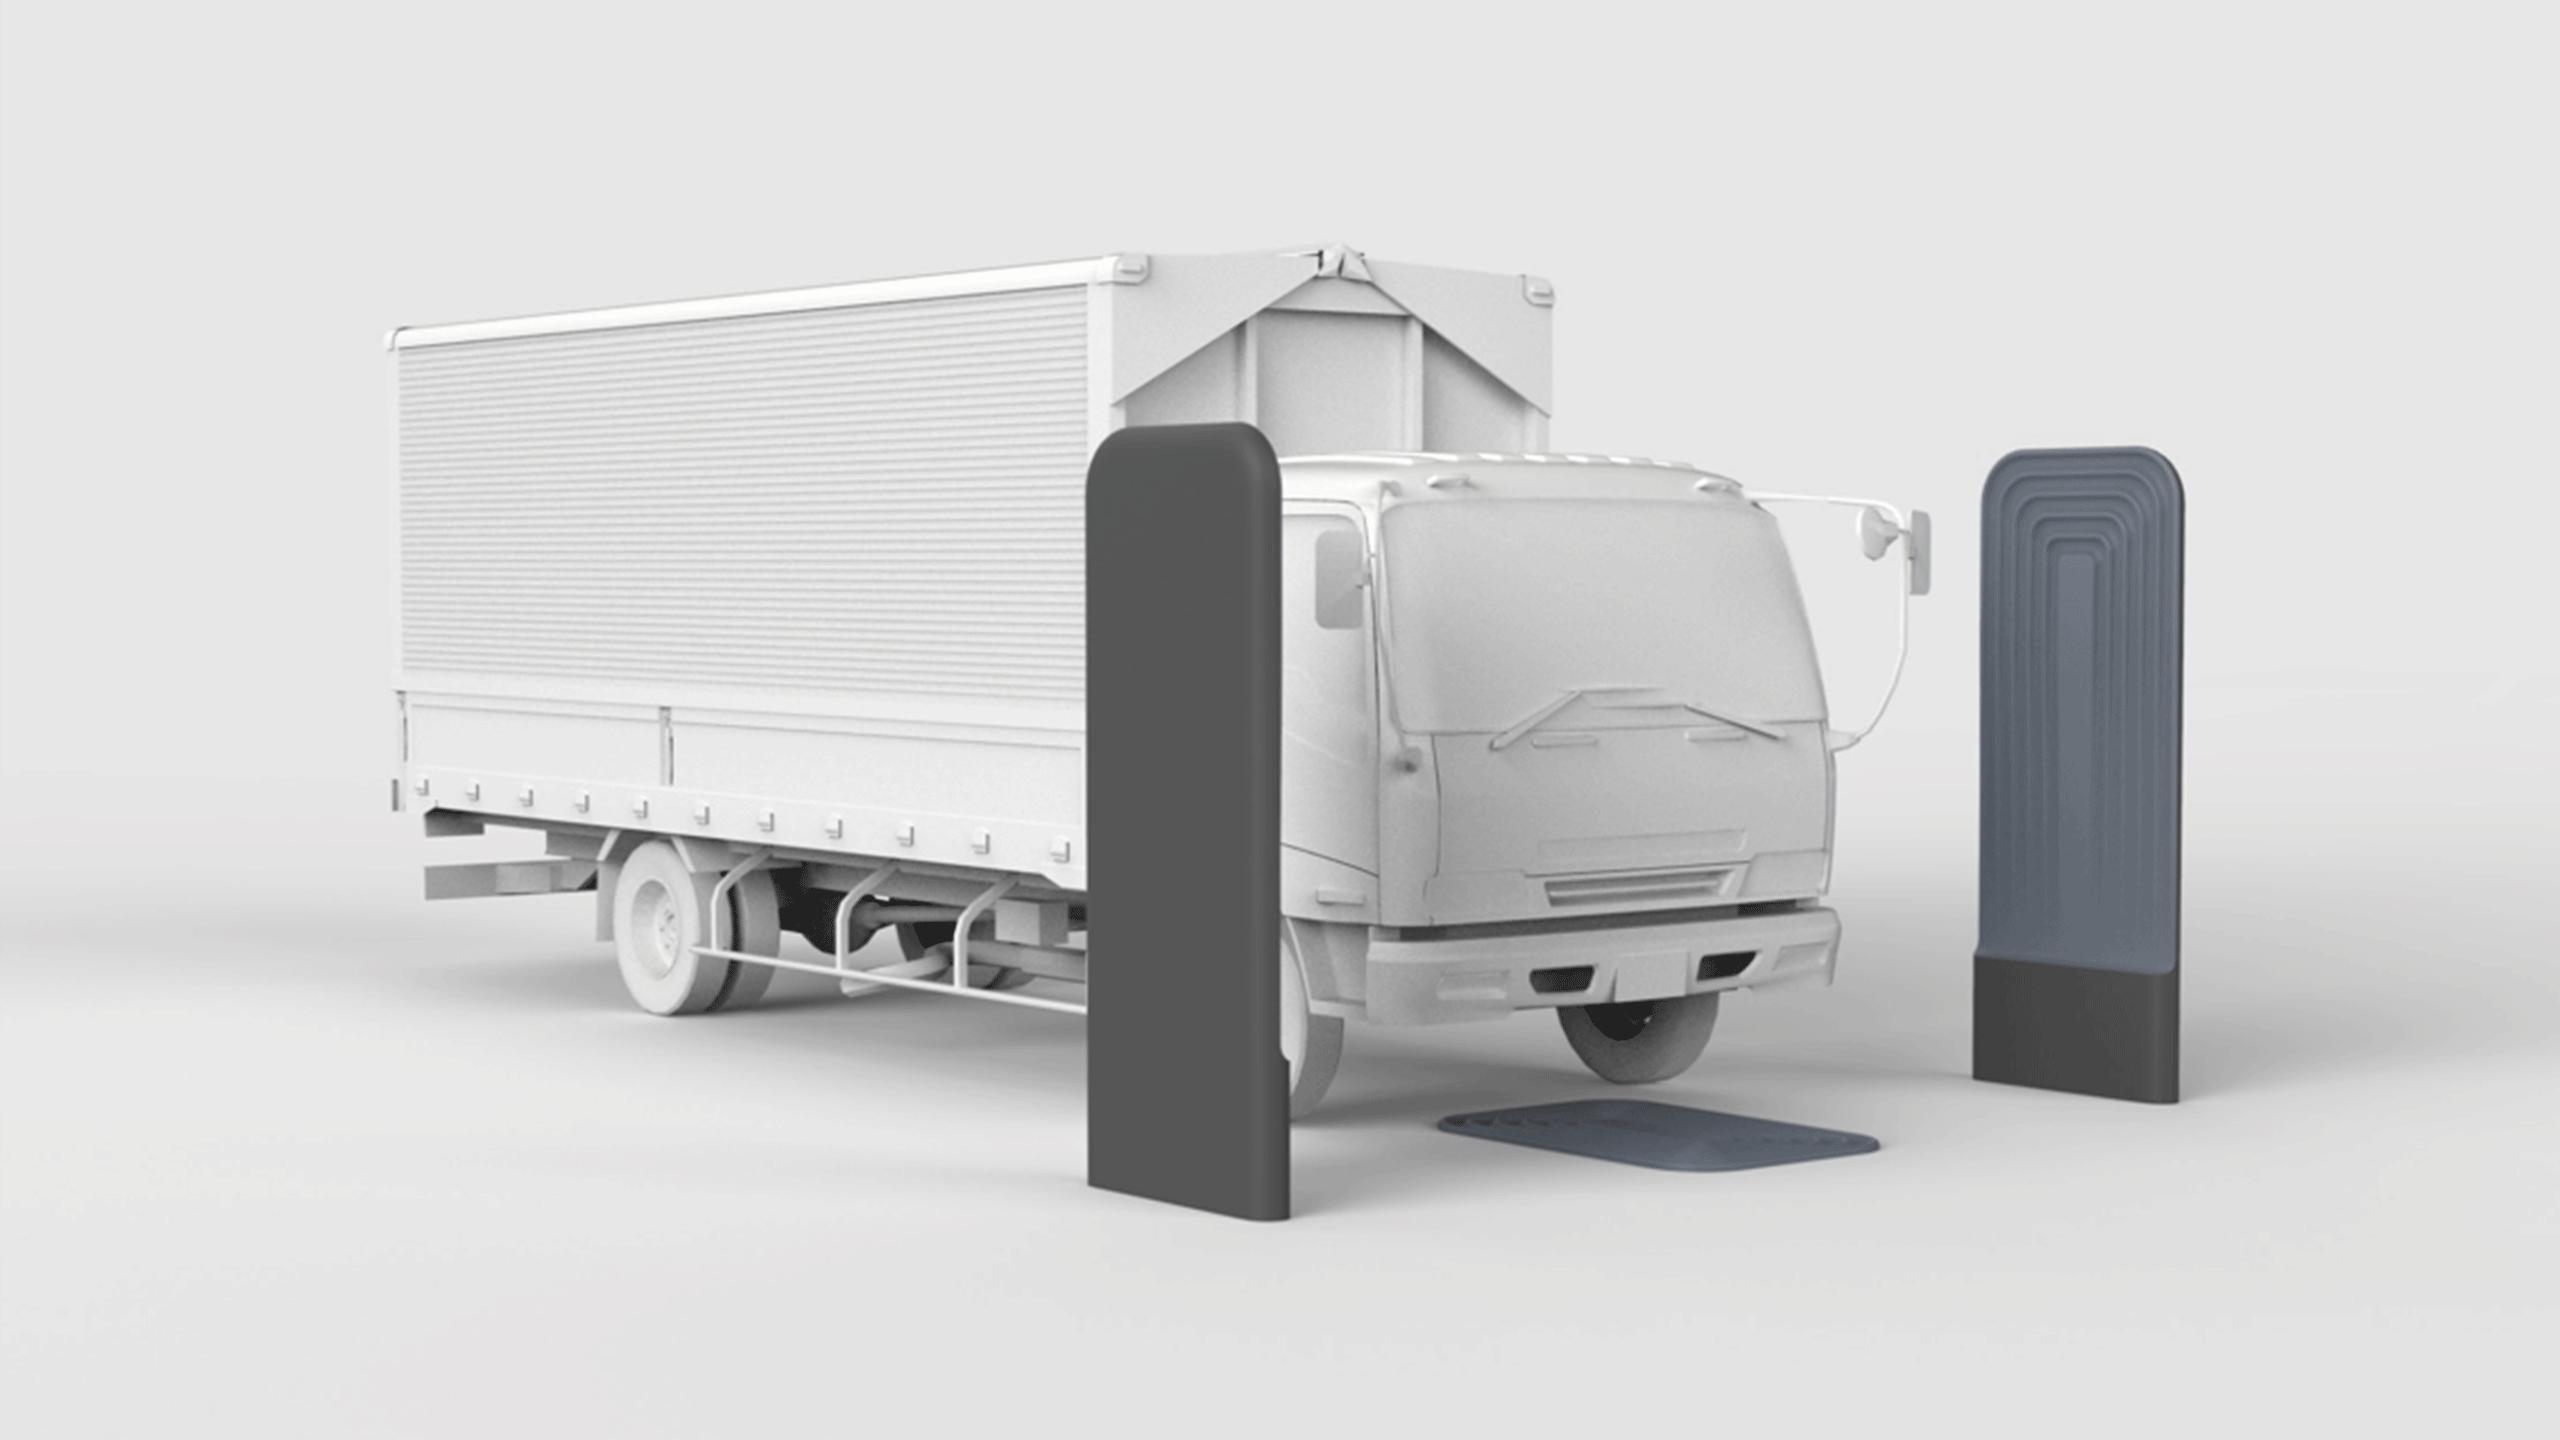 elume_e_waste_detector_truck_customs